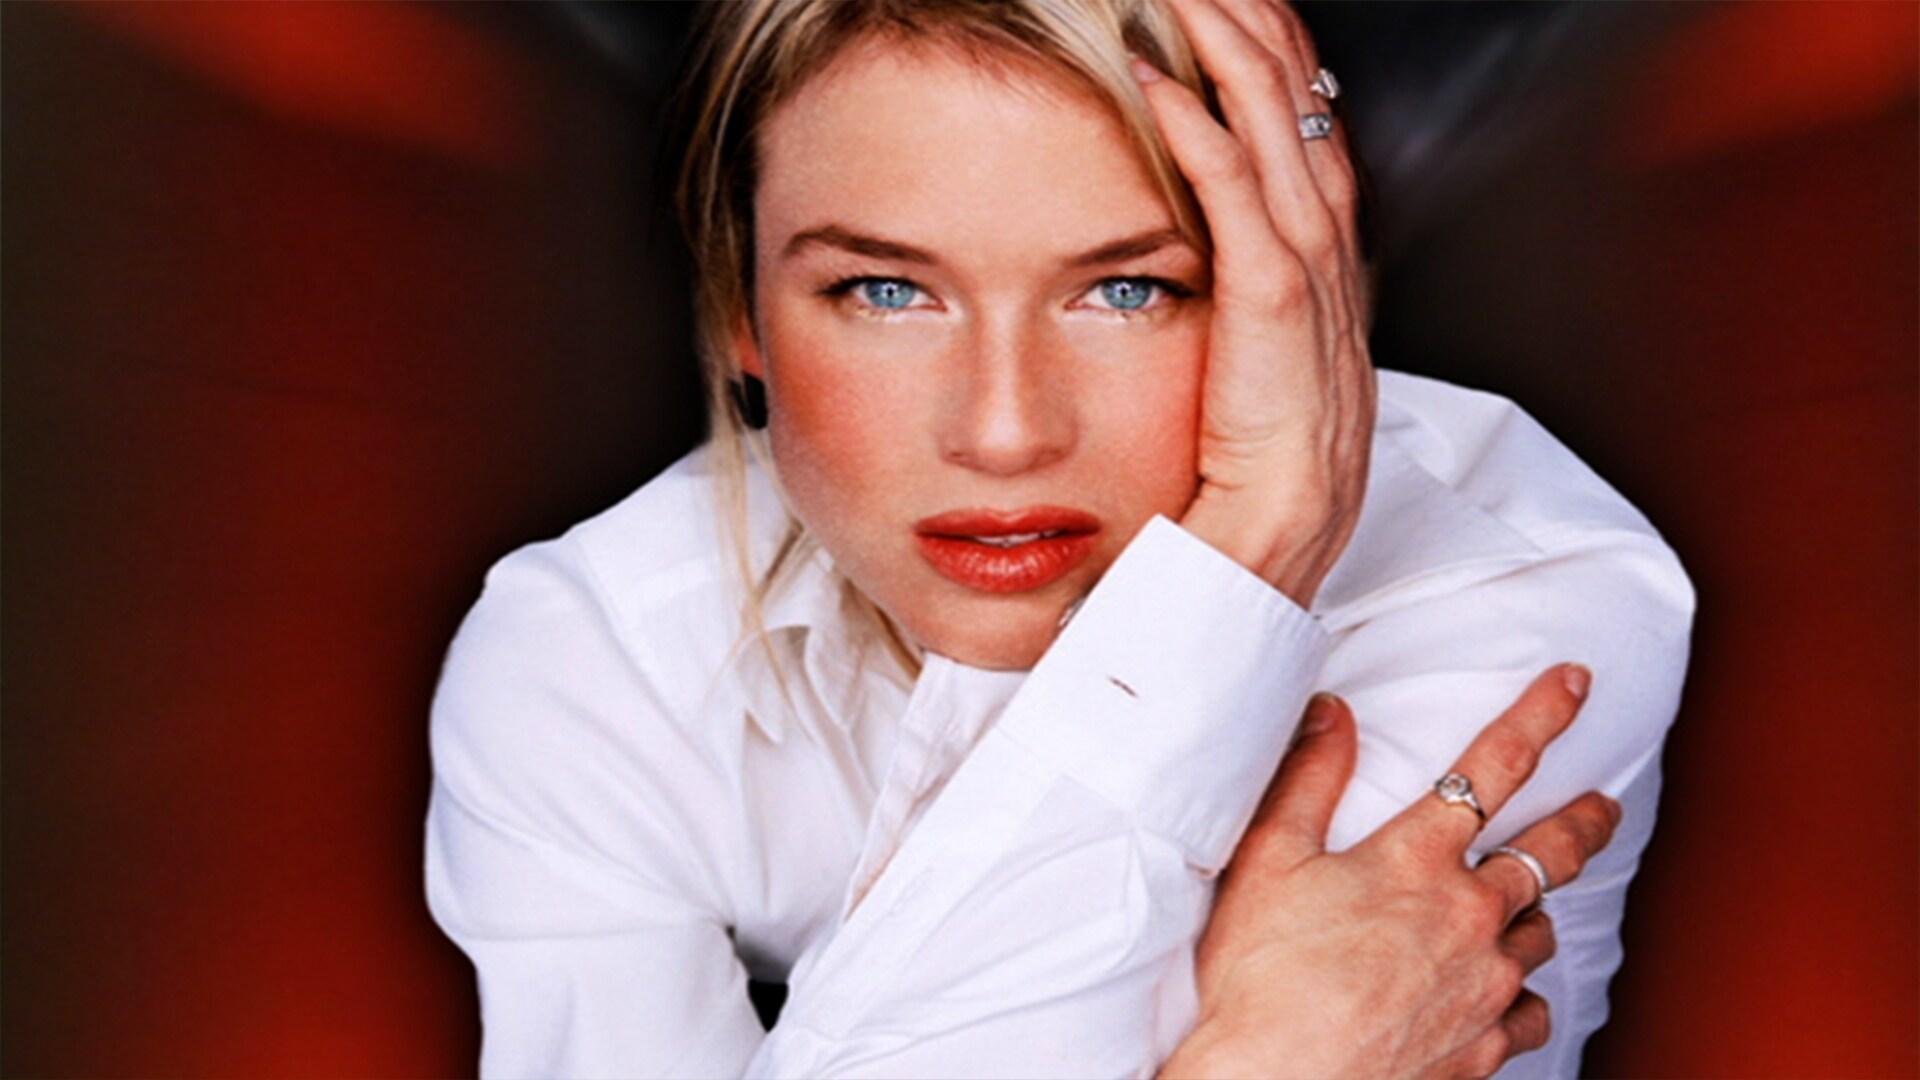 Renée Zellweger: April 14, 2001